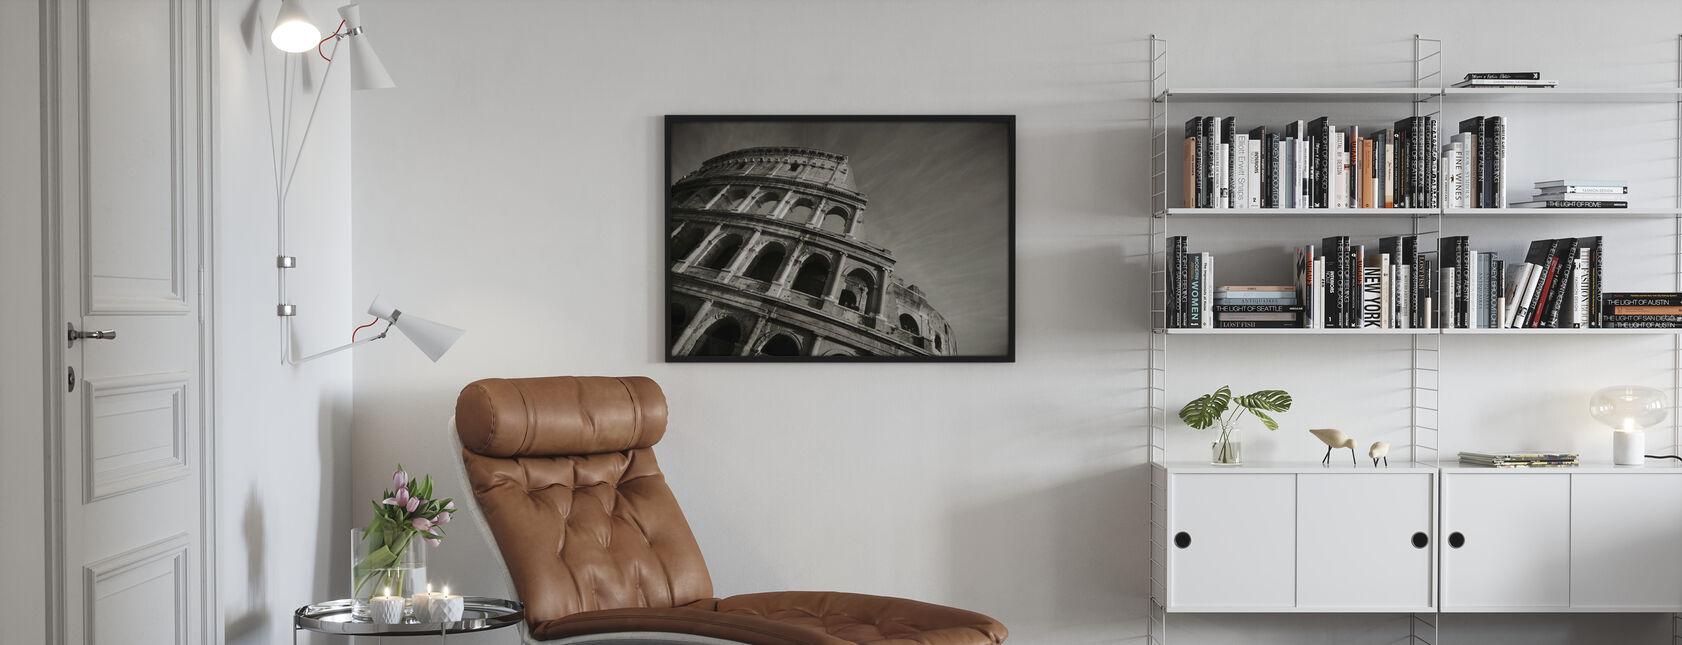 Römisches Kolosseum - Poster - Wohnzimmer